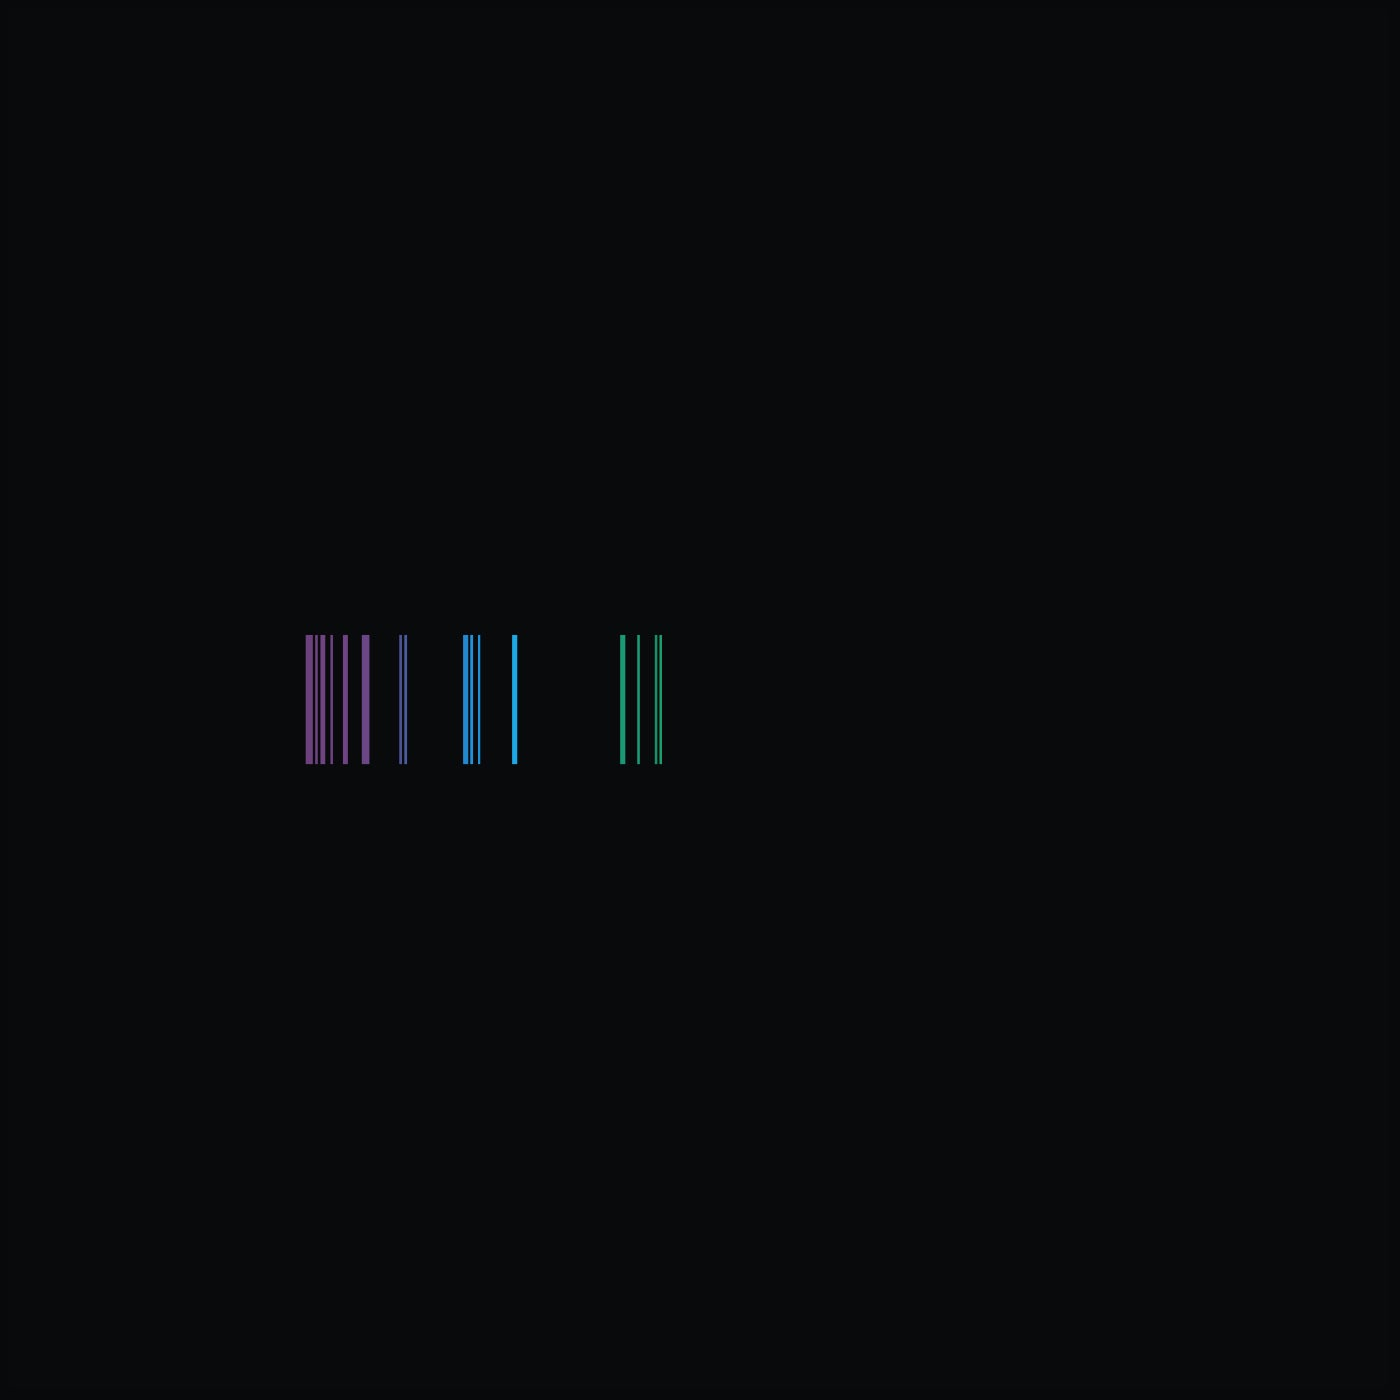 51D (Original Mix)